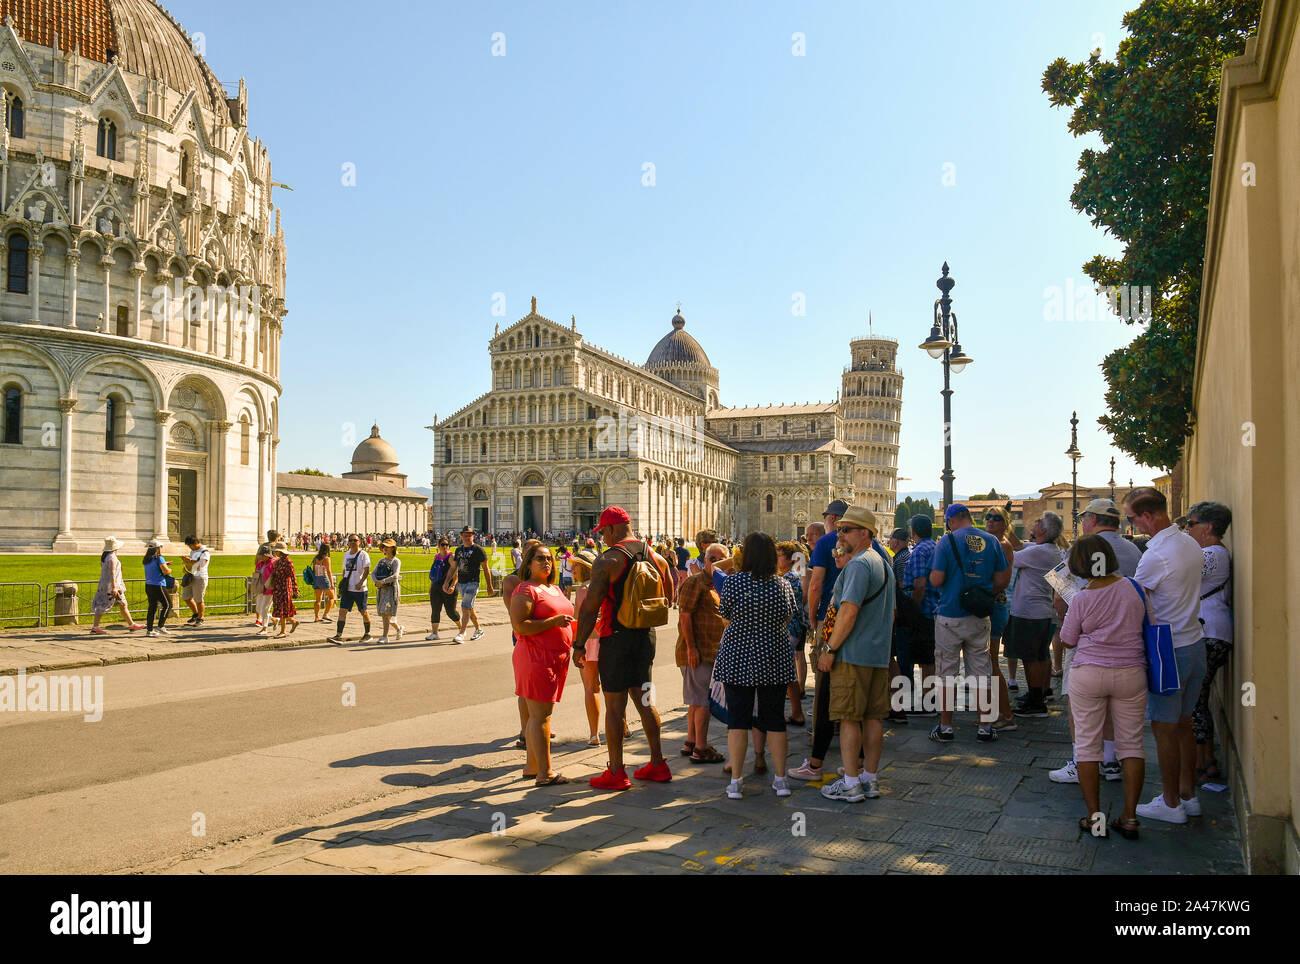 Un grupo de turistas descansando en la sombra de un muro en la famosa Piazza dei Miracoli con la torre inclinada en un caluroso día de agosto, Pisa, Toscana, Italia Foto de stock